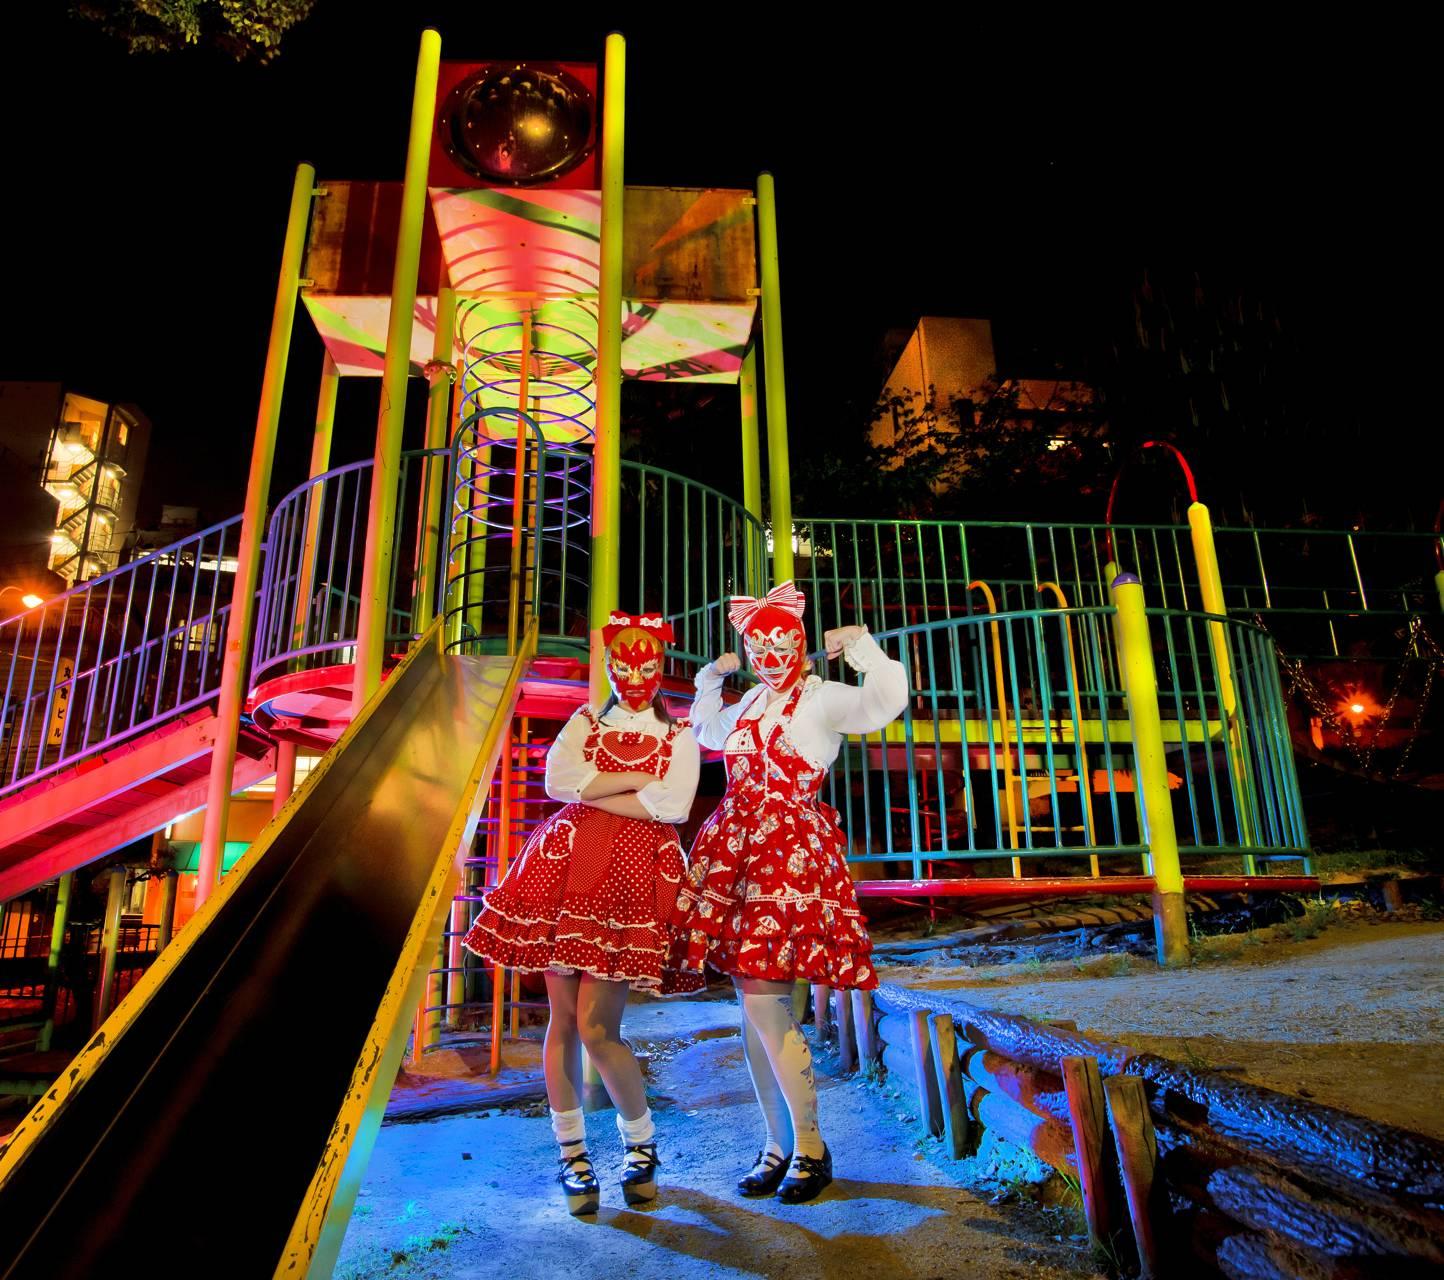 Lolitas Playground